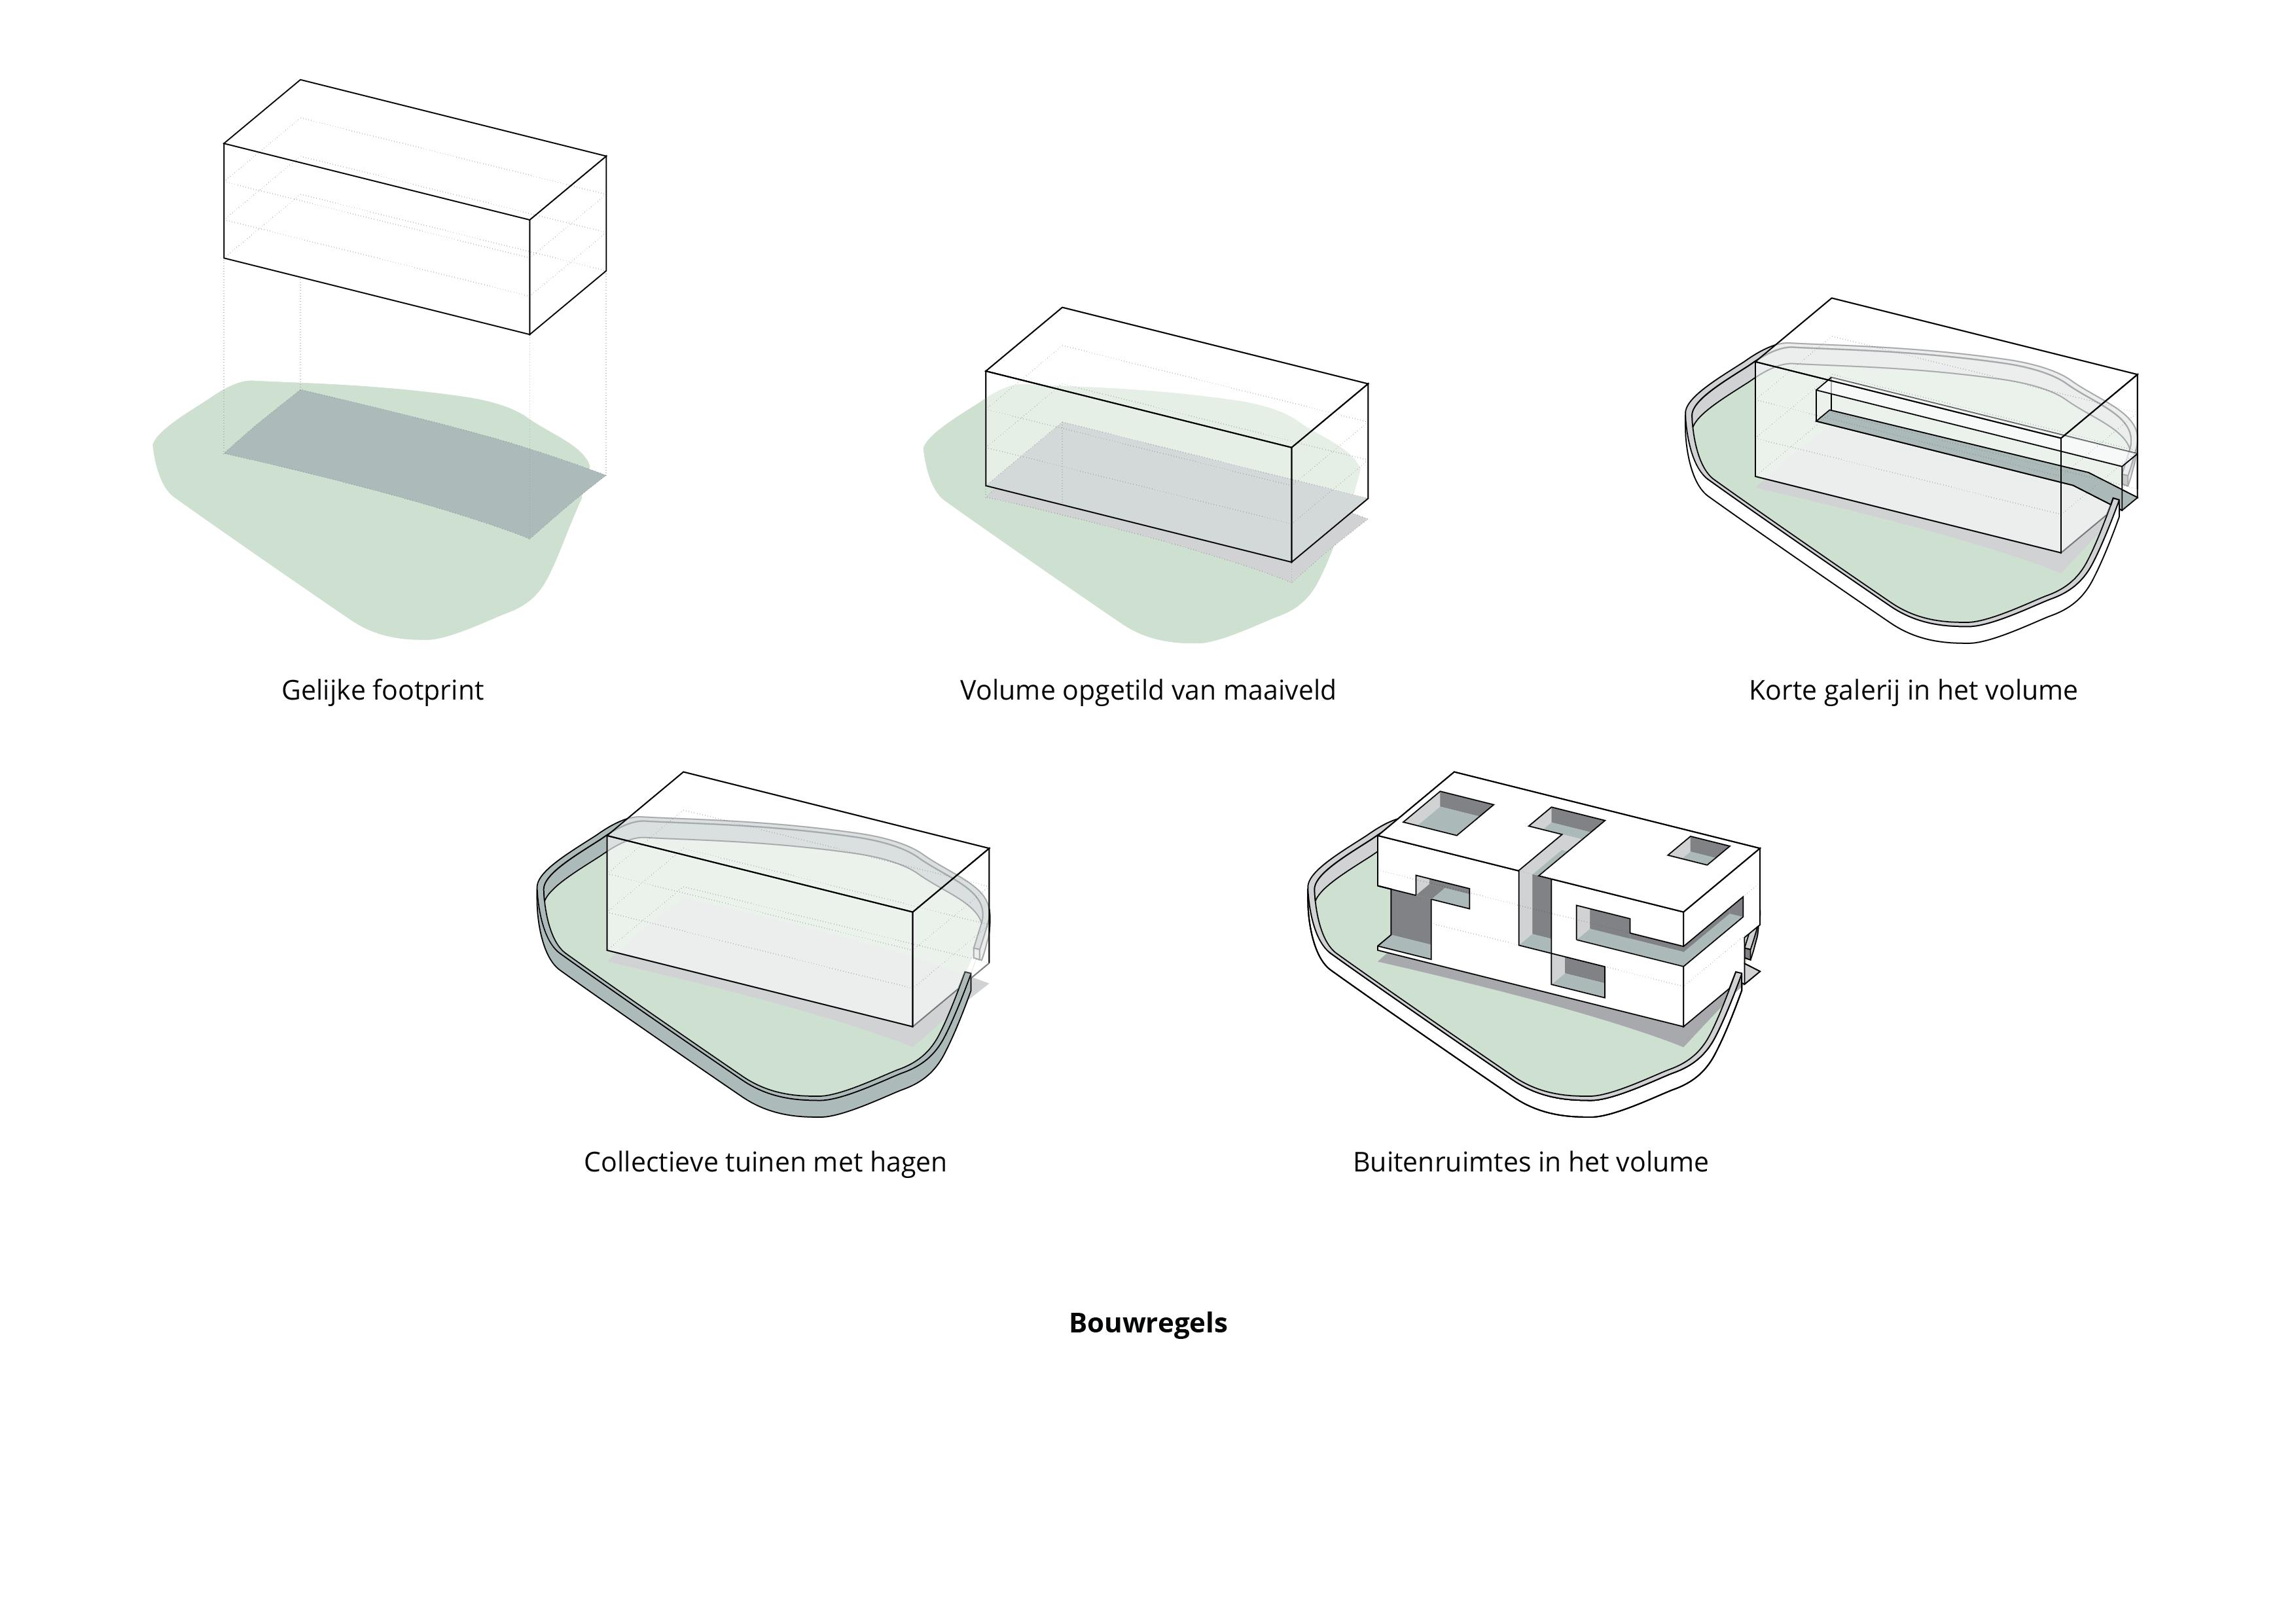 Bekkerslocatie – Architectonische uitgangspunten